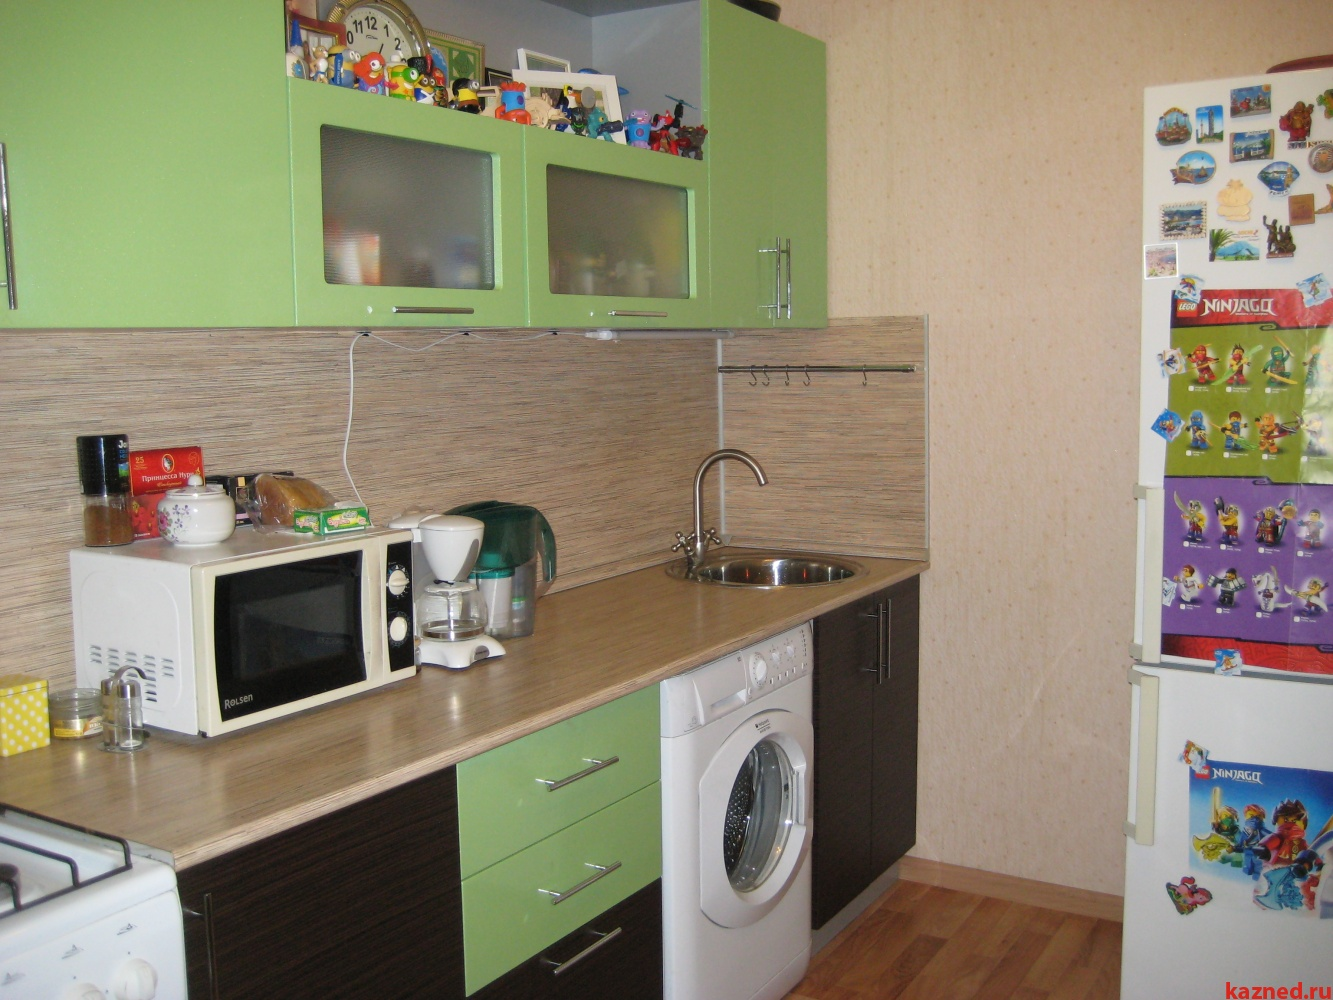 Продажа 1-к квартиры Мало - Московская, дом 26, 43 м² (миниатюра №2)